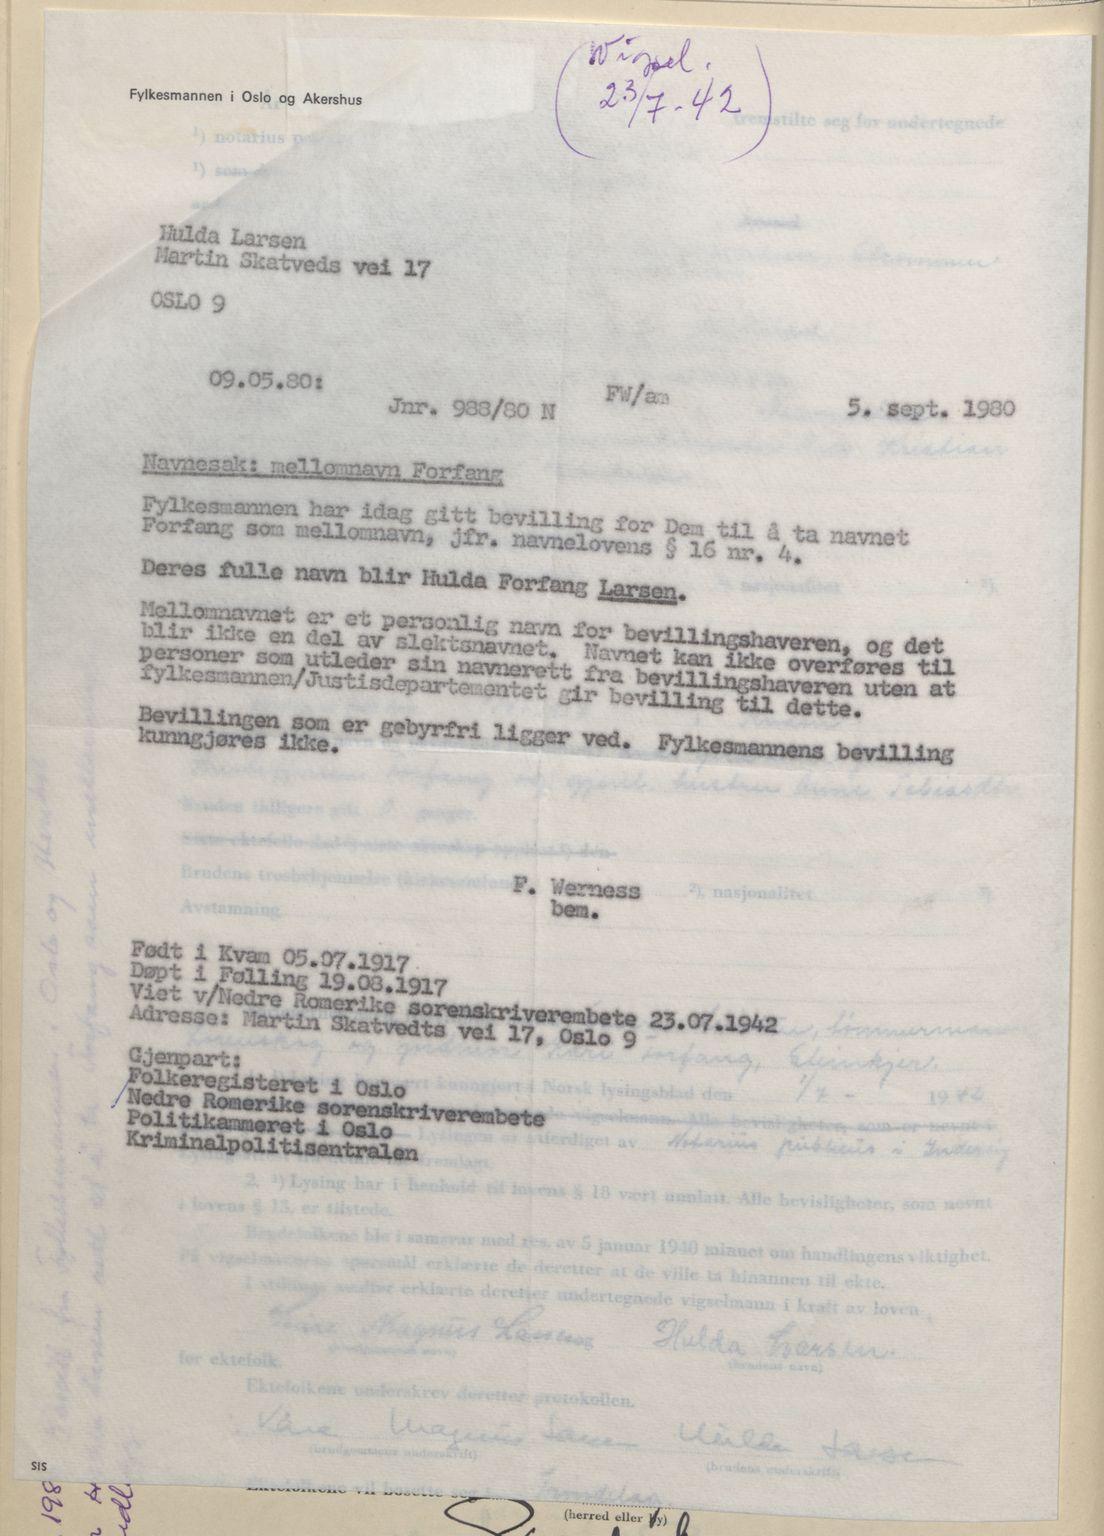 SAO, Nedre Romerike sorenskriveri, L/Lb/L0003: Vigselsbok - borgerlige vielser, 1942-1943, s. upaginert